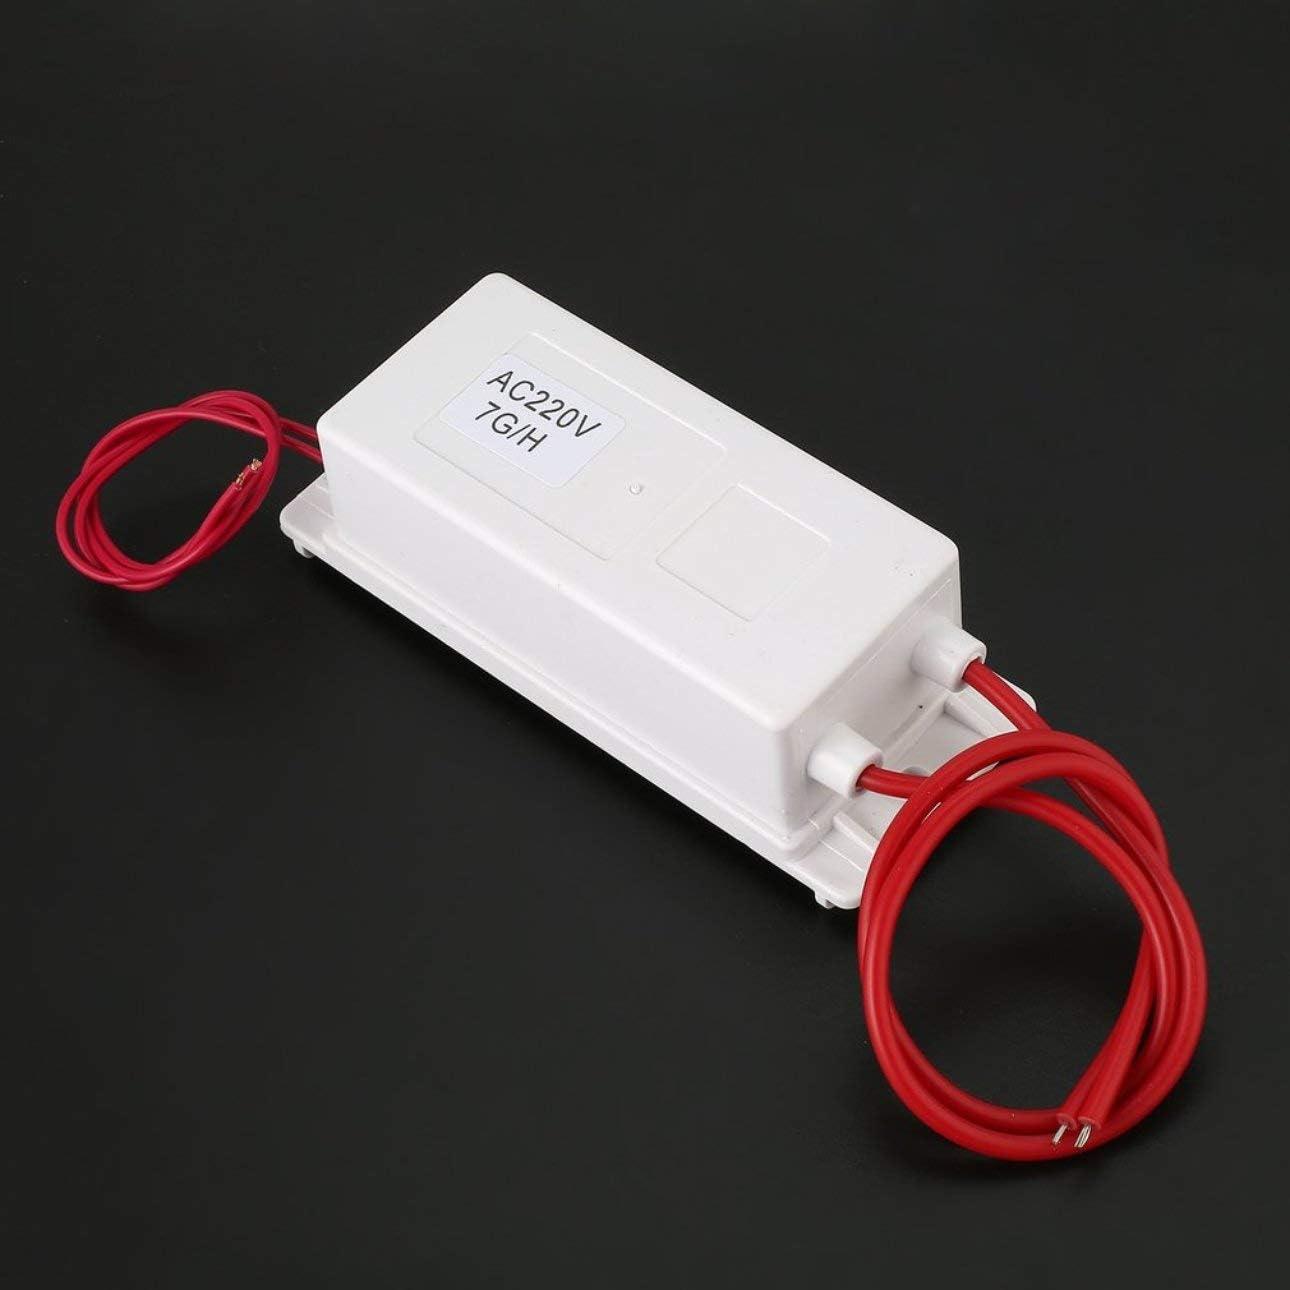 h con fogli a doppia piastra Ballylelly Kit macchina per ozonizzatore aria a piastre in ceramica con alimentatore mini 220V 7g